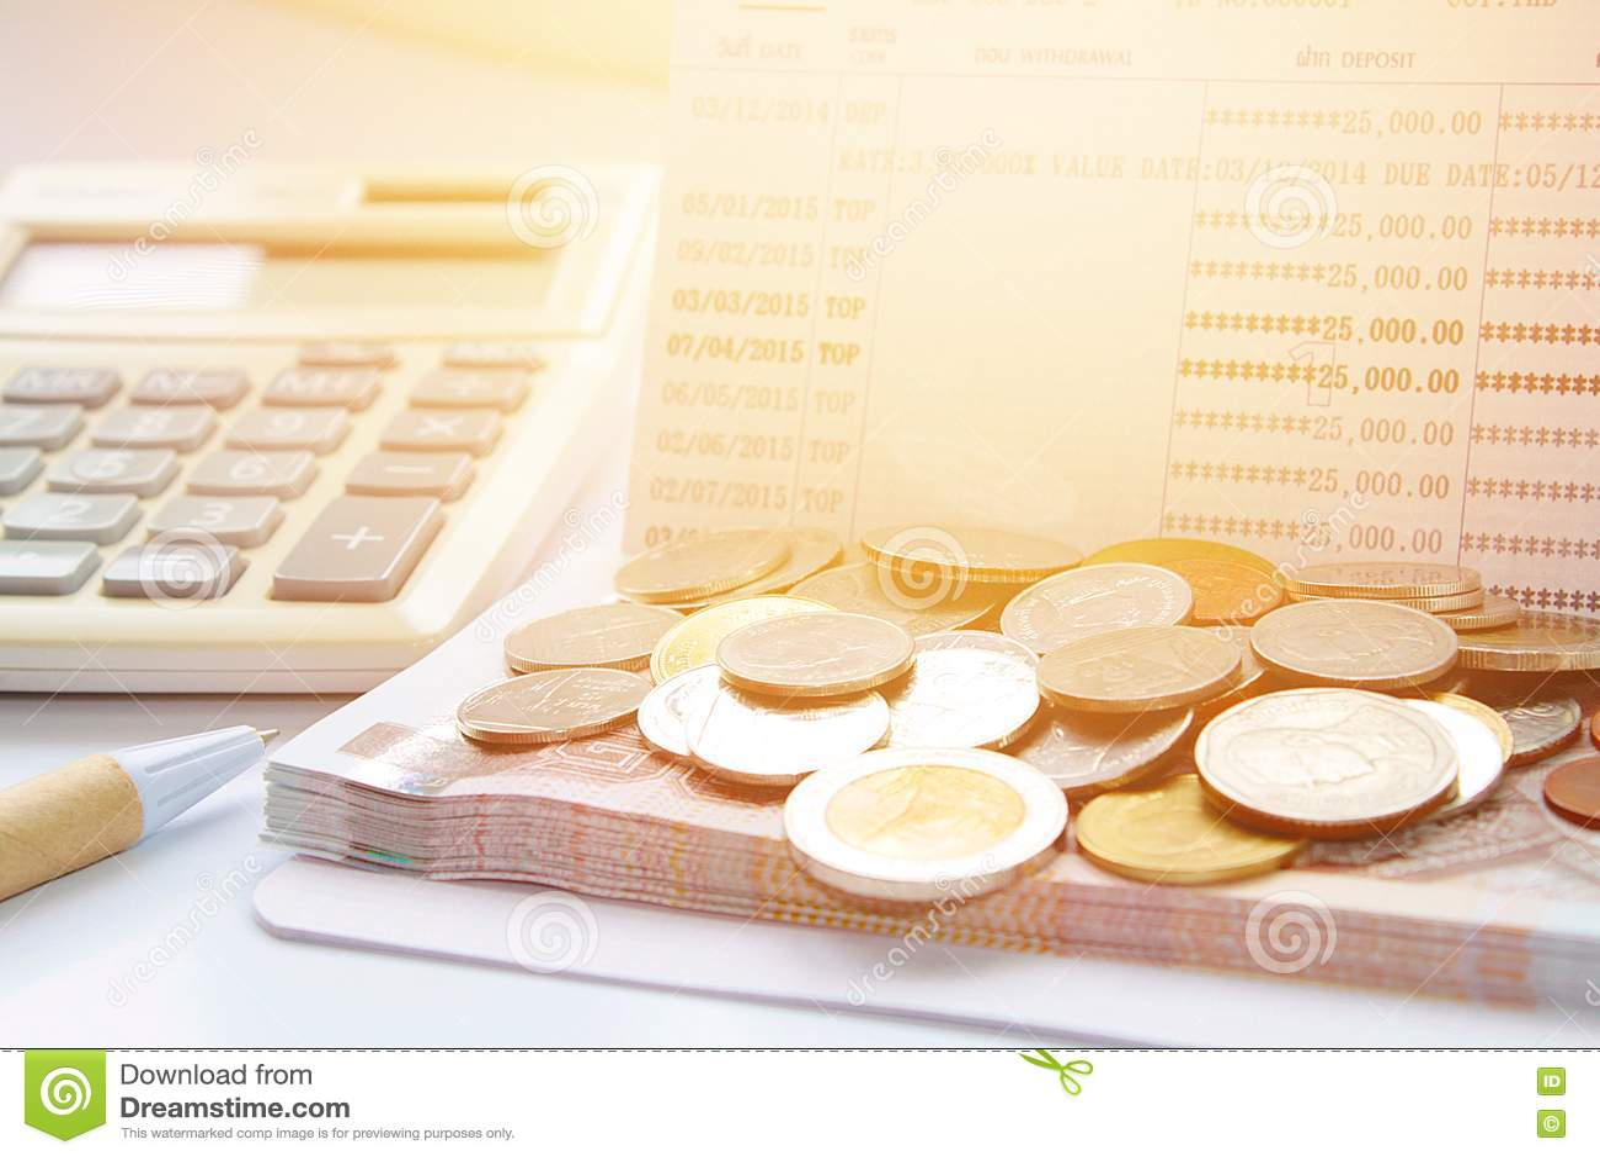 Coins Thai Money Pen Calculator And Savings Account Passbook On – Savings Account Calculator